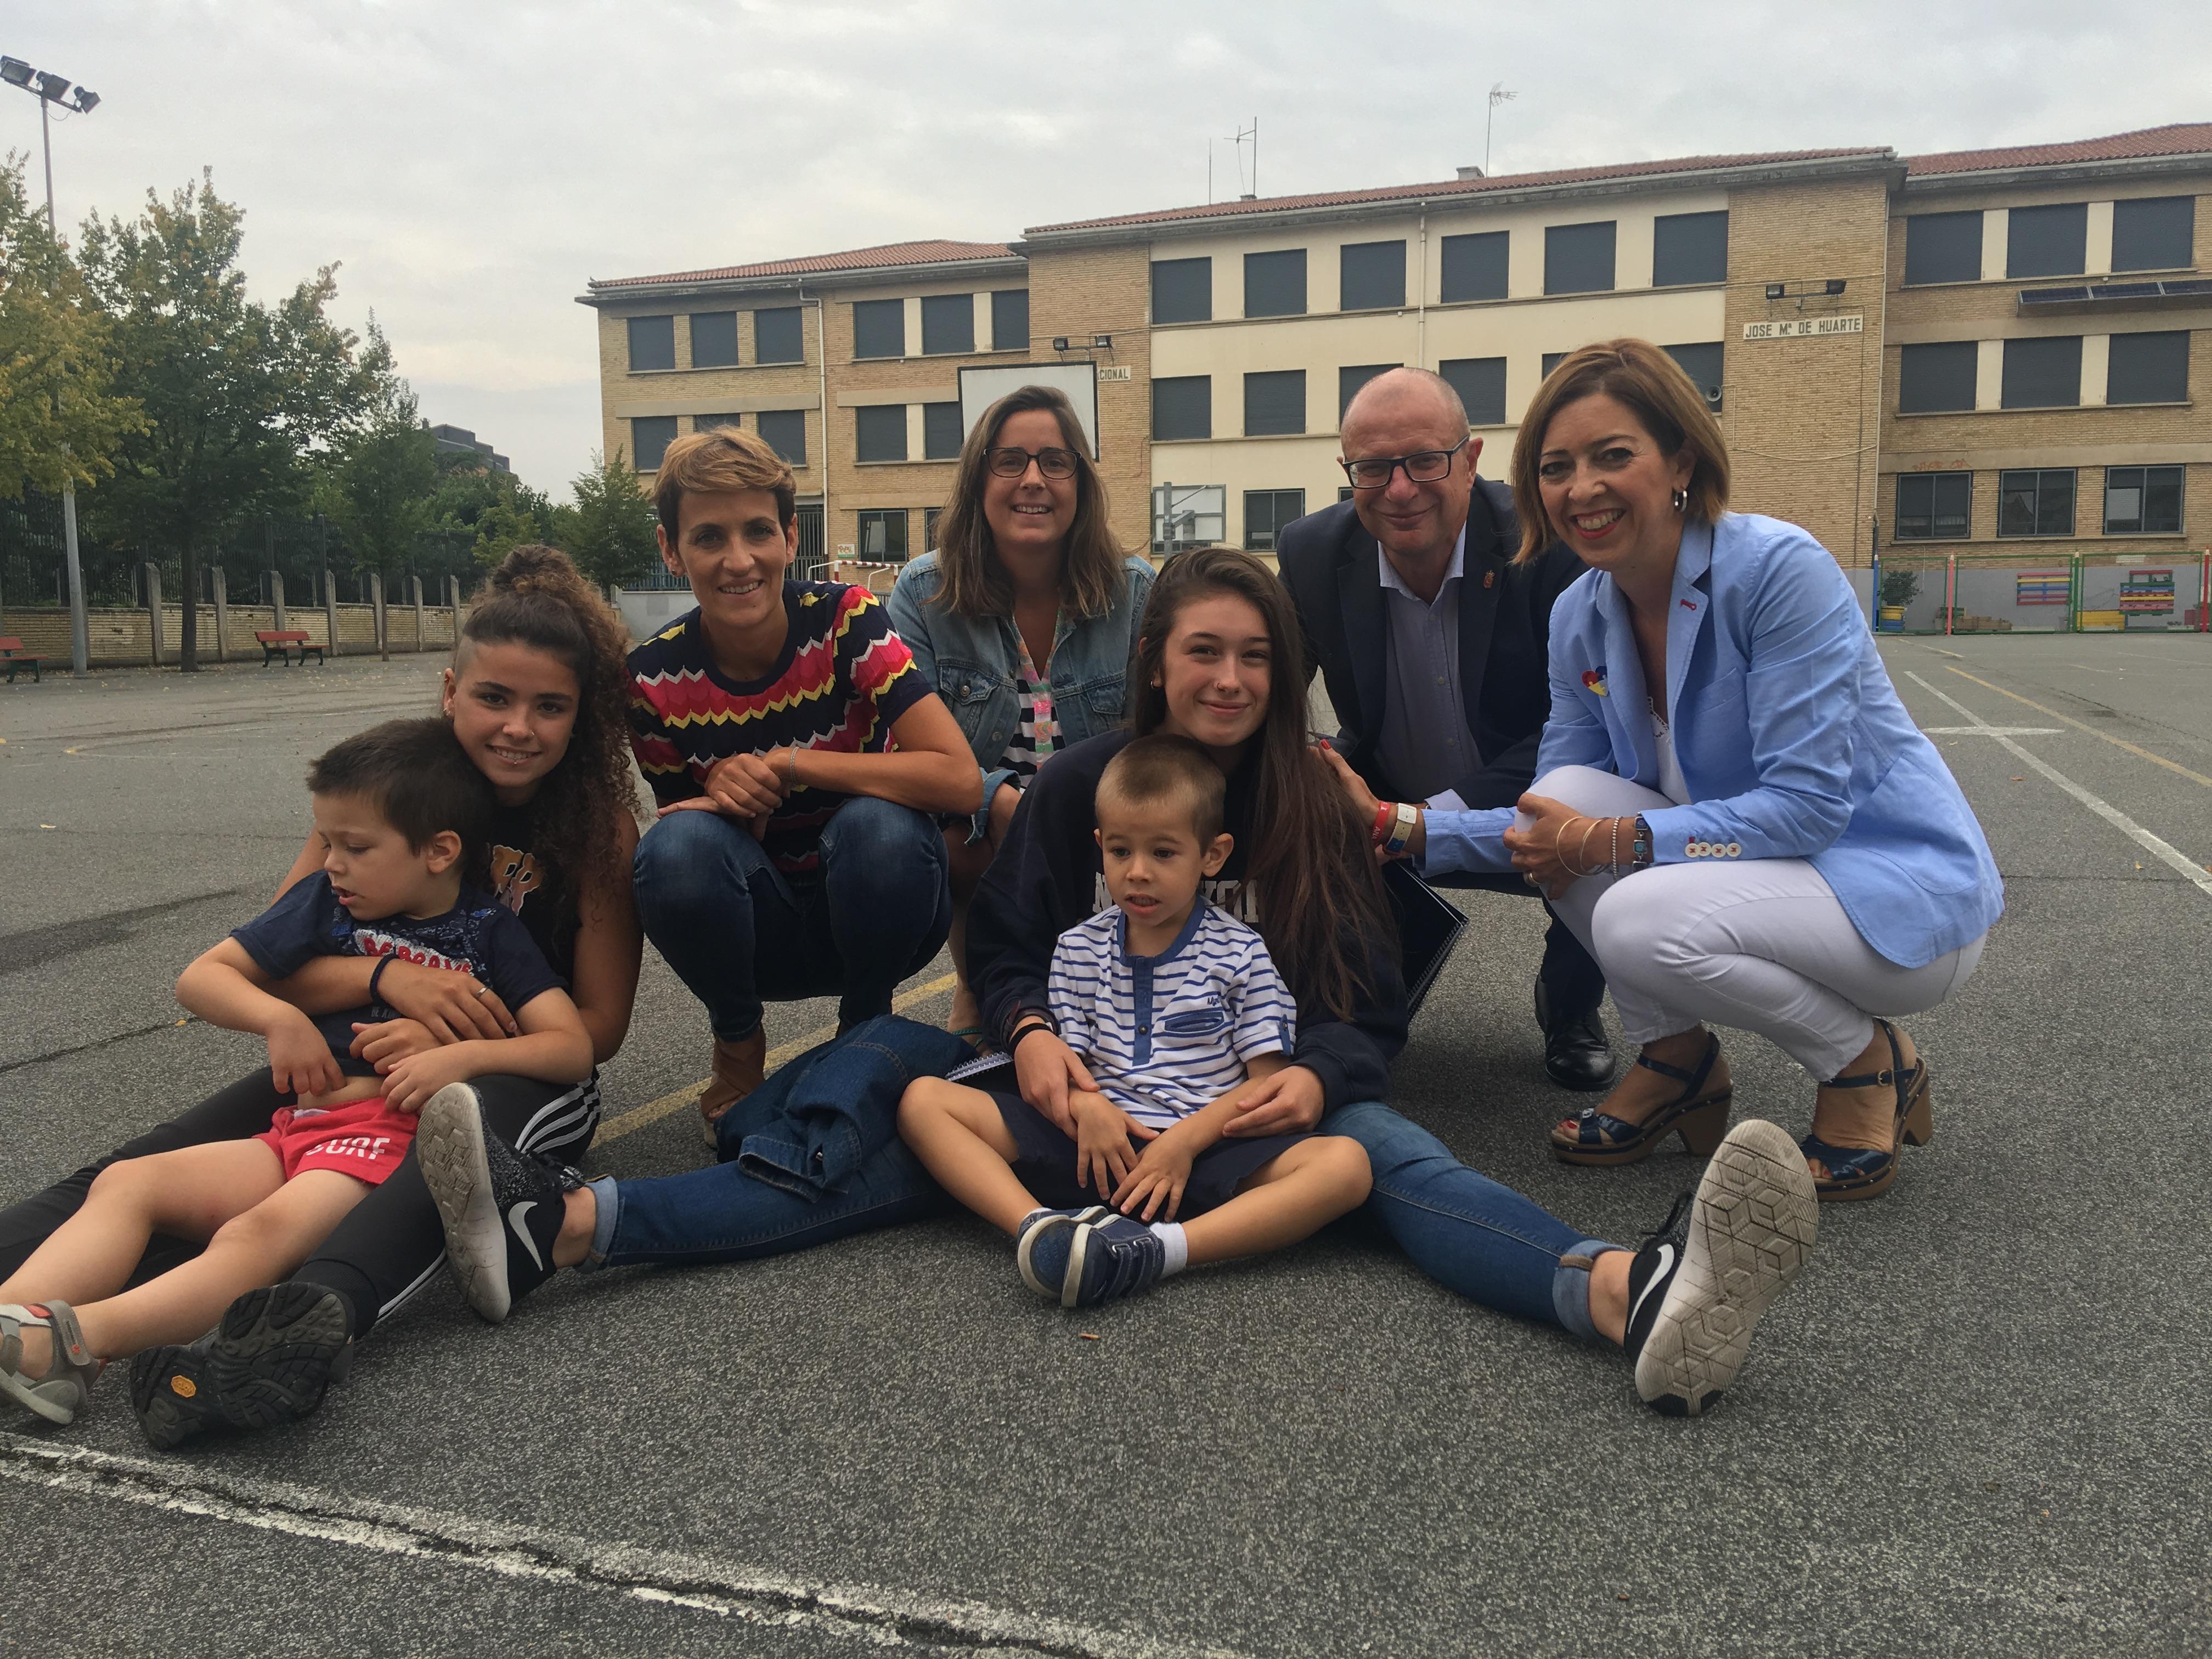 Fotografía de la visita de la Presidenta del Gobierno María Chivite y el Consejero de Educación Carlos Gimeno a la Escuela de verano de ANA